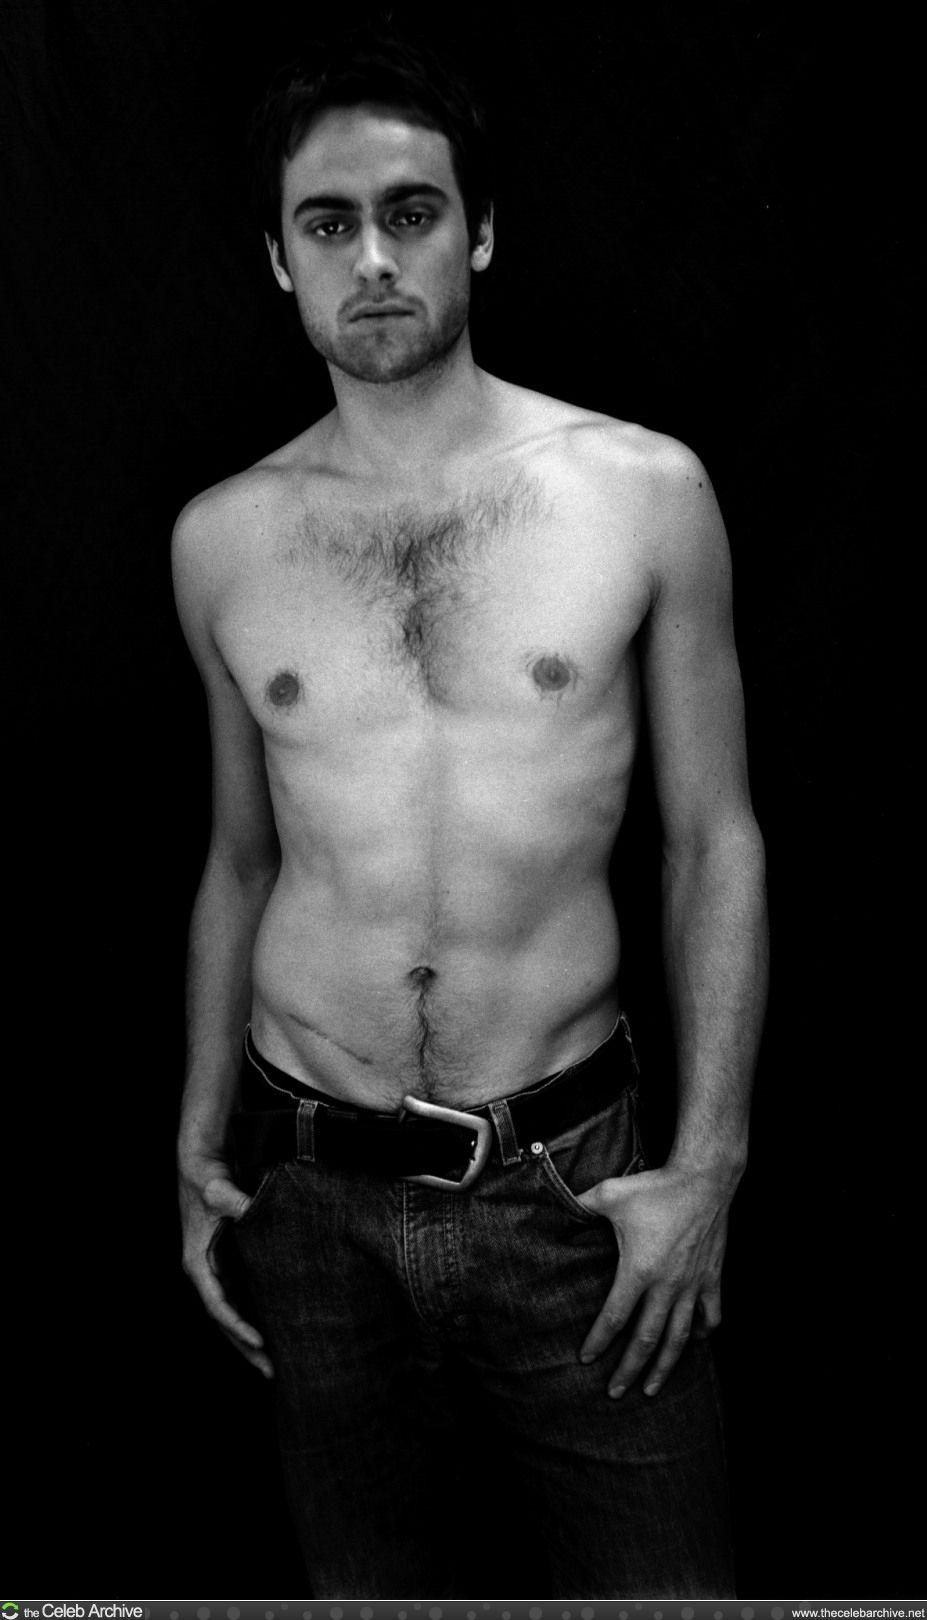 Celeb archive Nude Photos 33